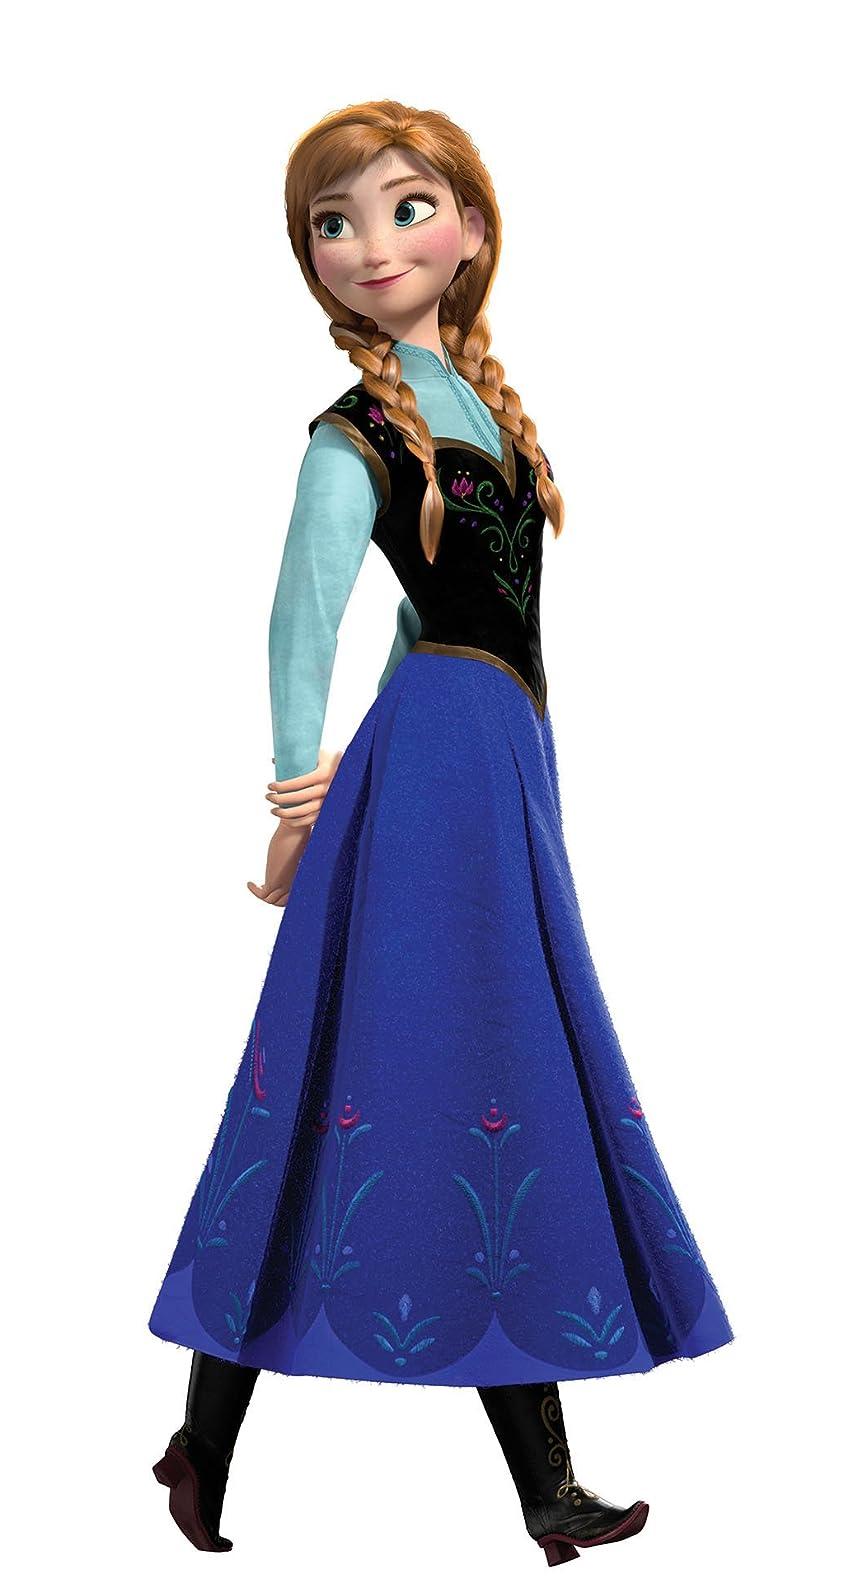 ディズニー 『アナと雪の女王』アナ iPhone8/7/6s/6 壁紙 視差効果 画像29388 スマポ